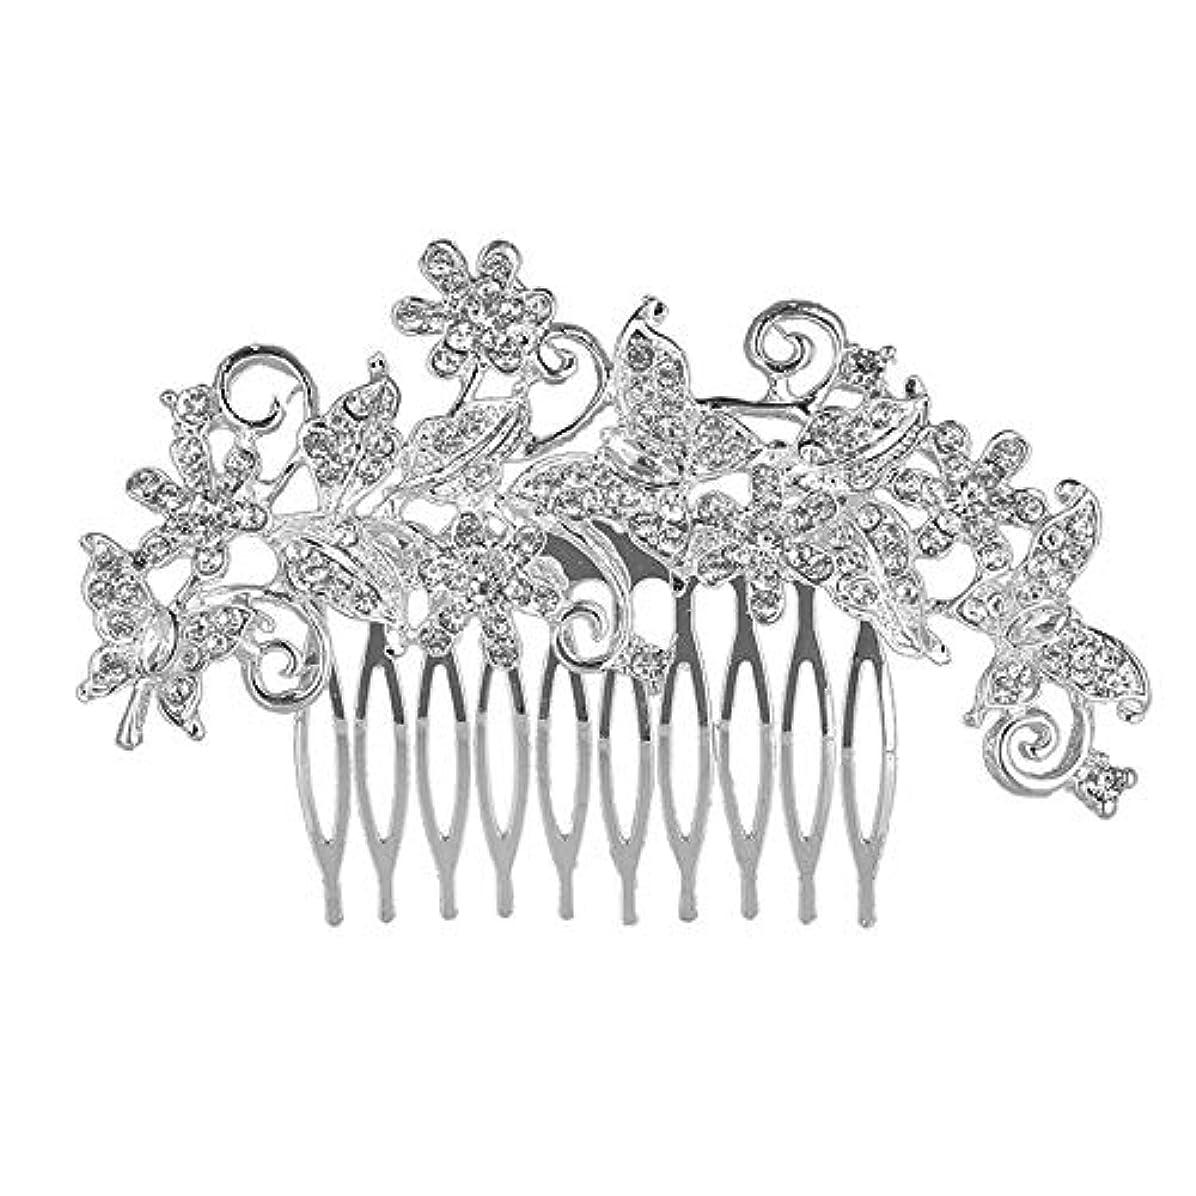 重なる夢中ポット韓国のヘアアクセサリー_韓国の花嫁のヘアアクセサリー日の花のヘッドドレスファッションヘアコーム花嫁合金結婚式結婚式卸売